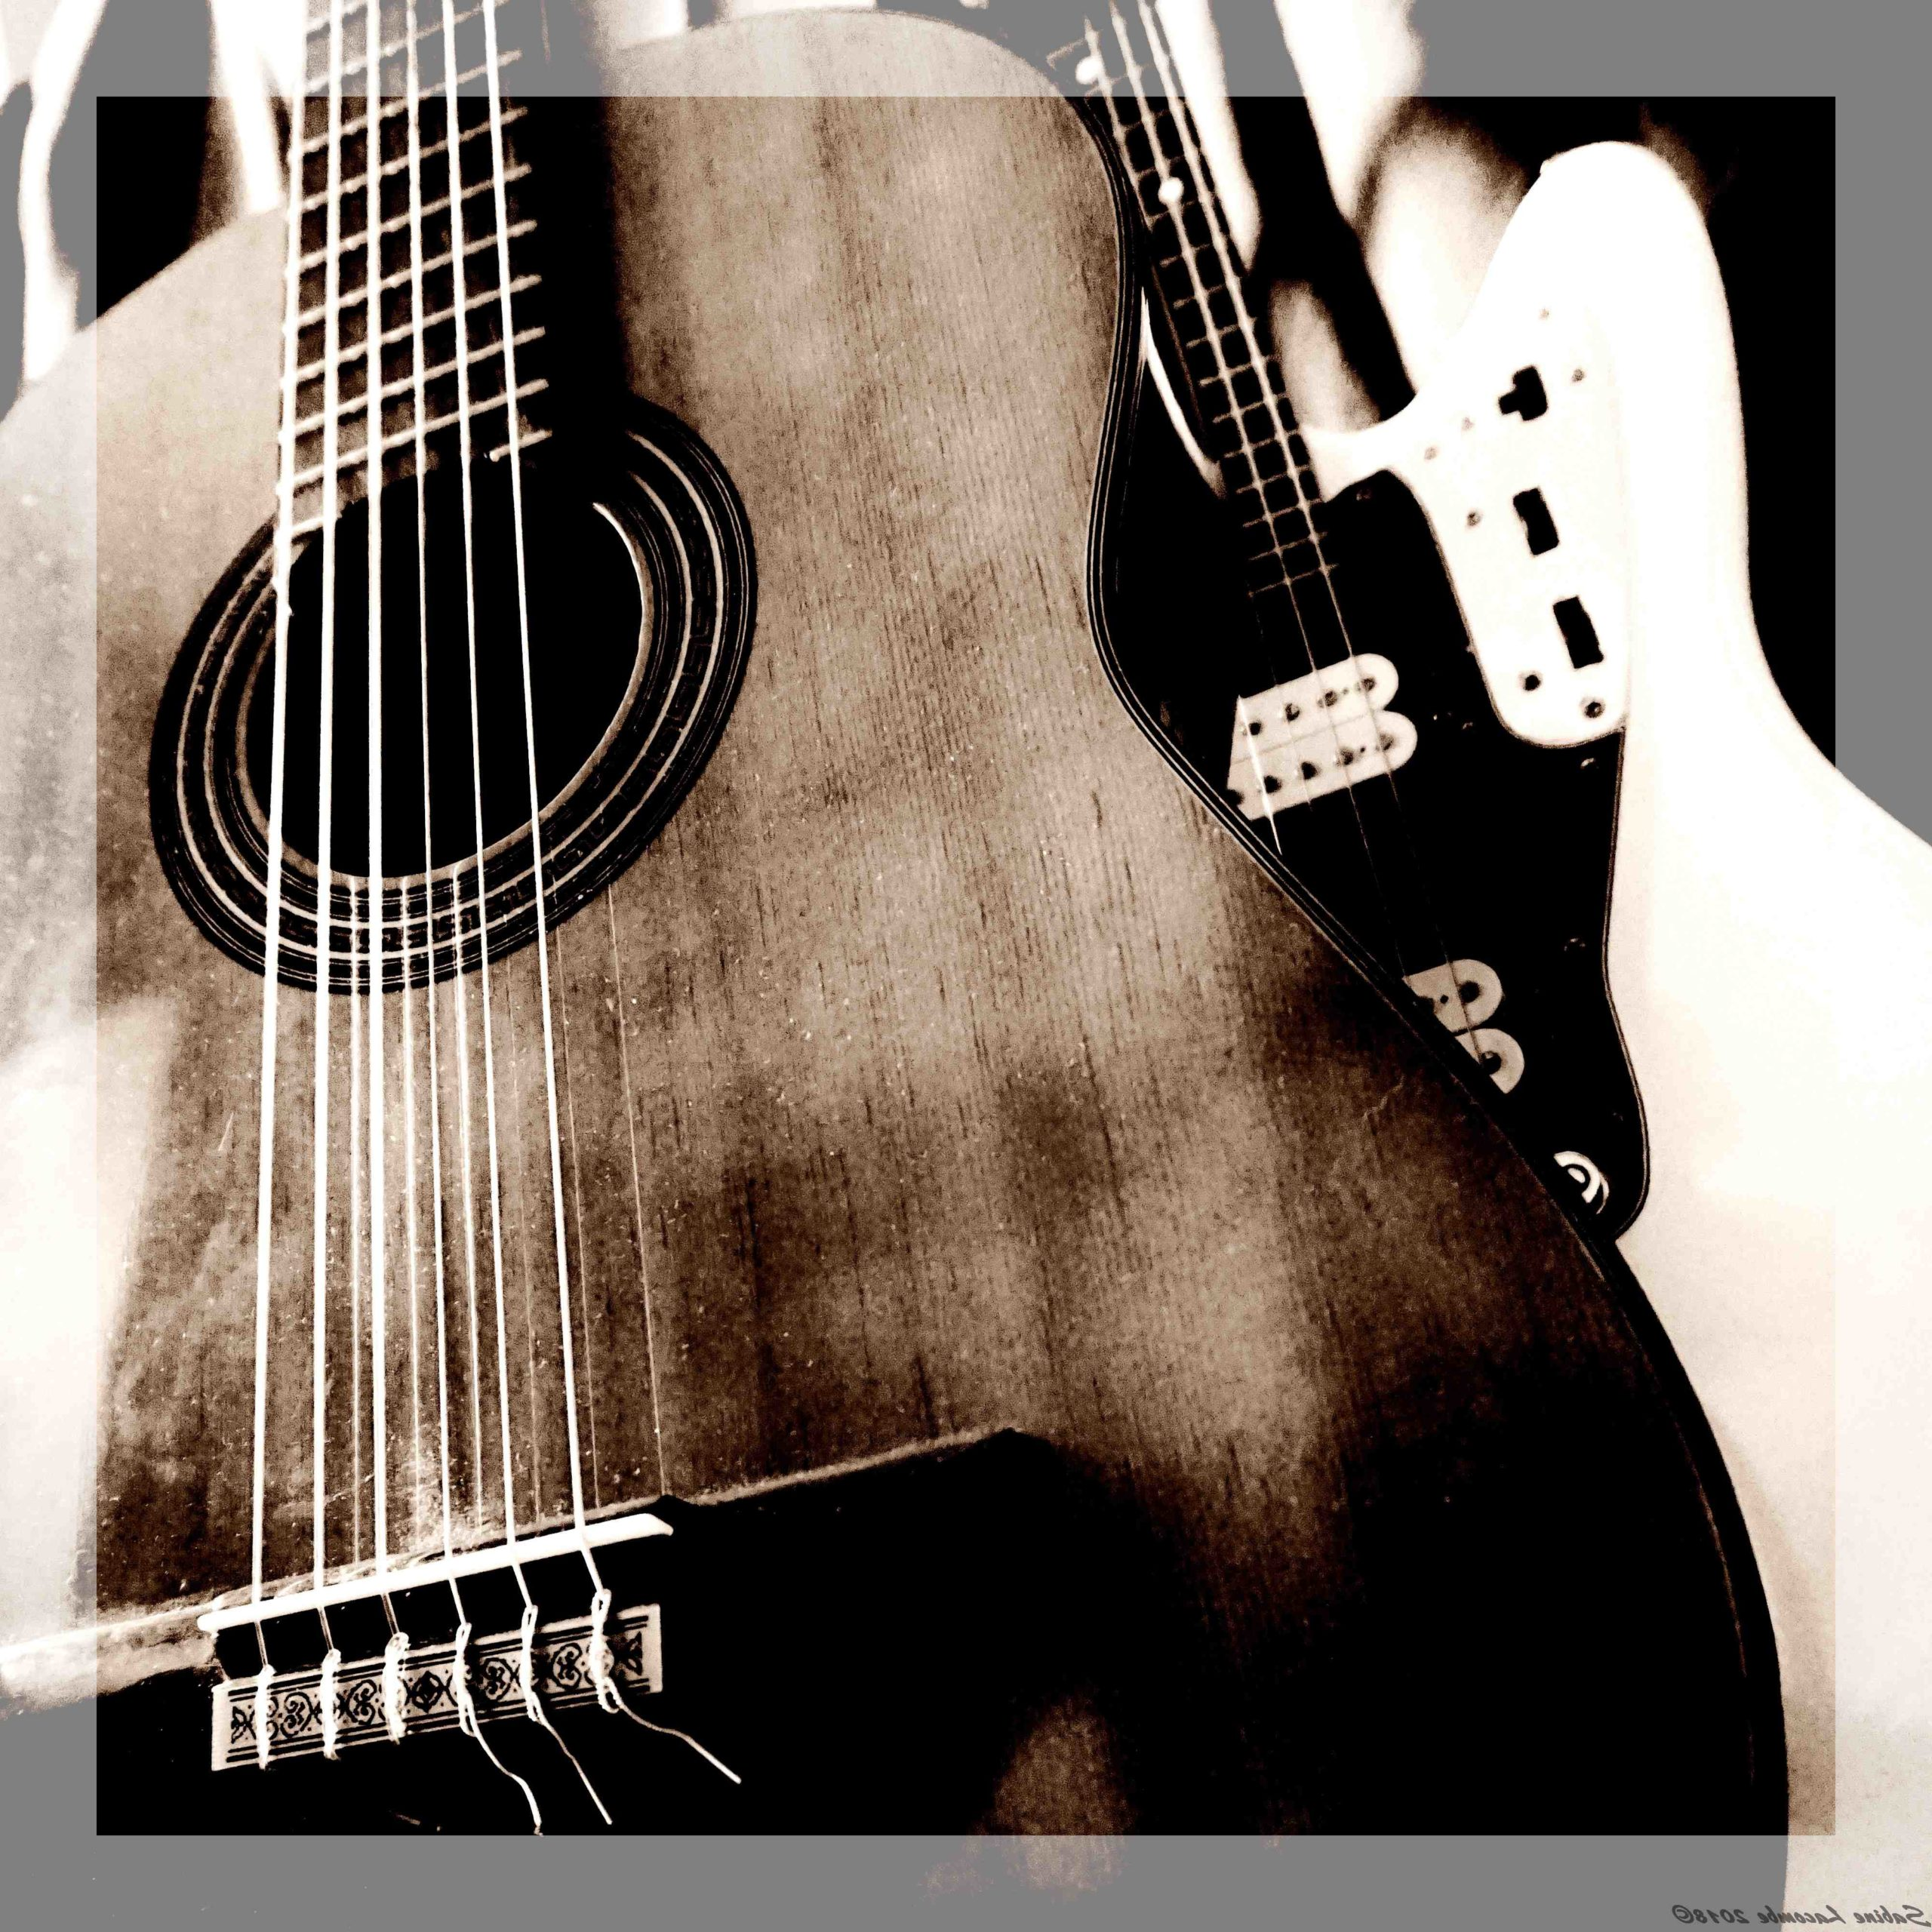 Comment attacher une corde de guitare classique?